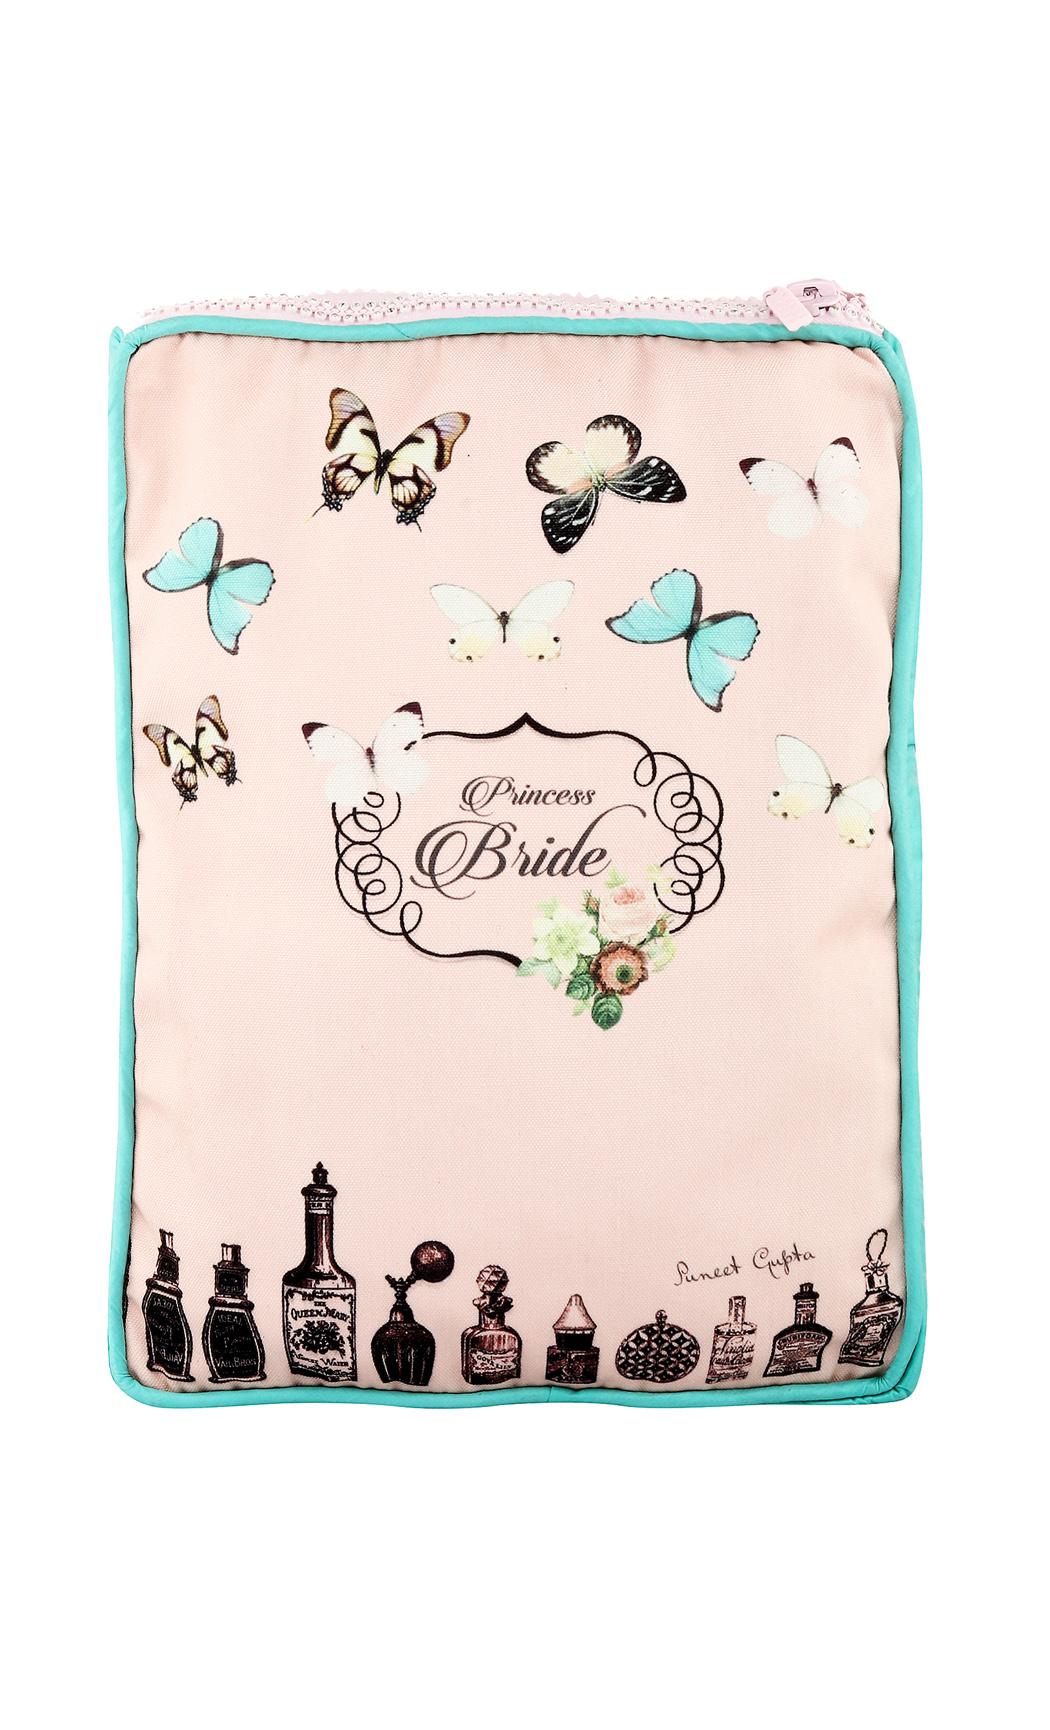 Princess Bride Multipurpose Bag